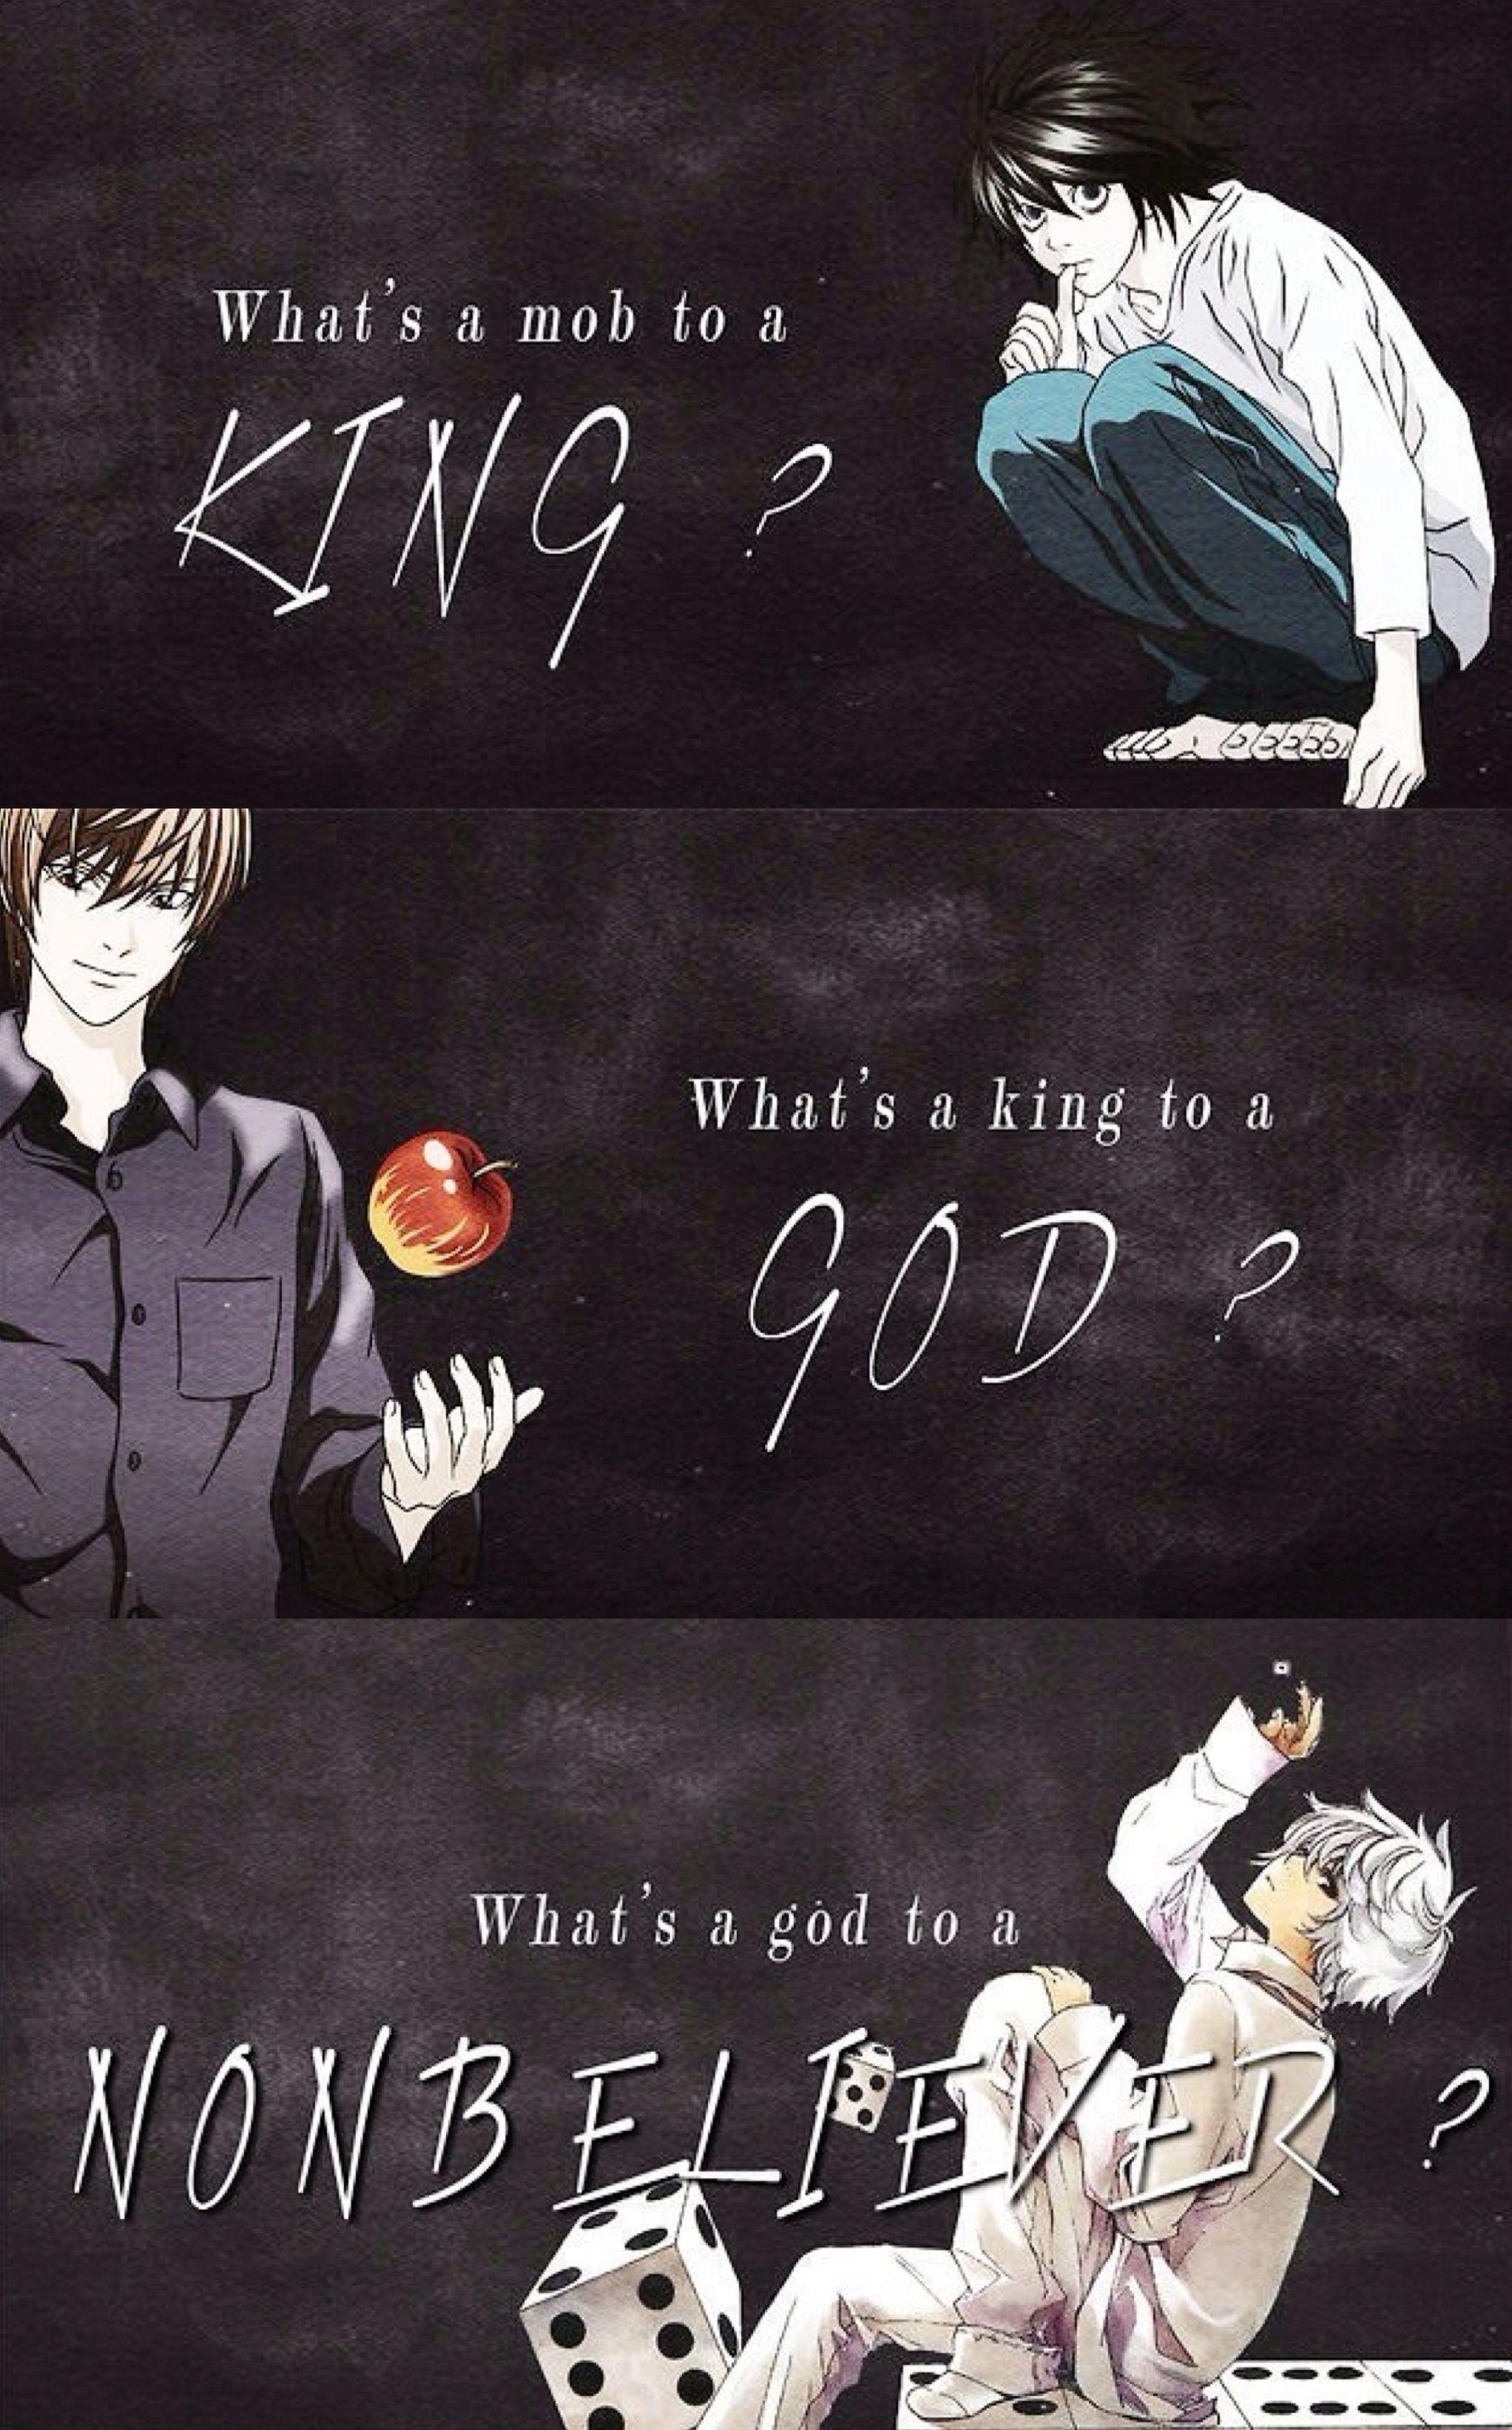 Best Anime Quotes Suicide Quotesgram: Death Note Quotes. QuotesGram